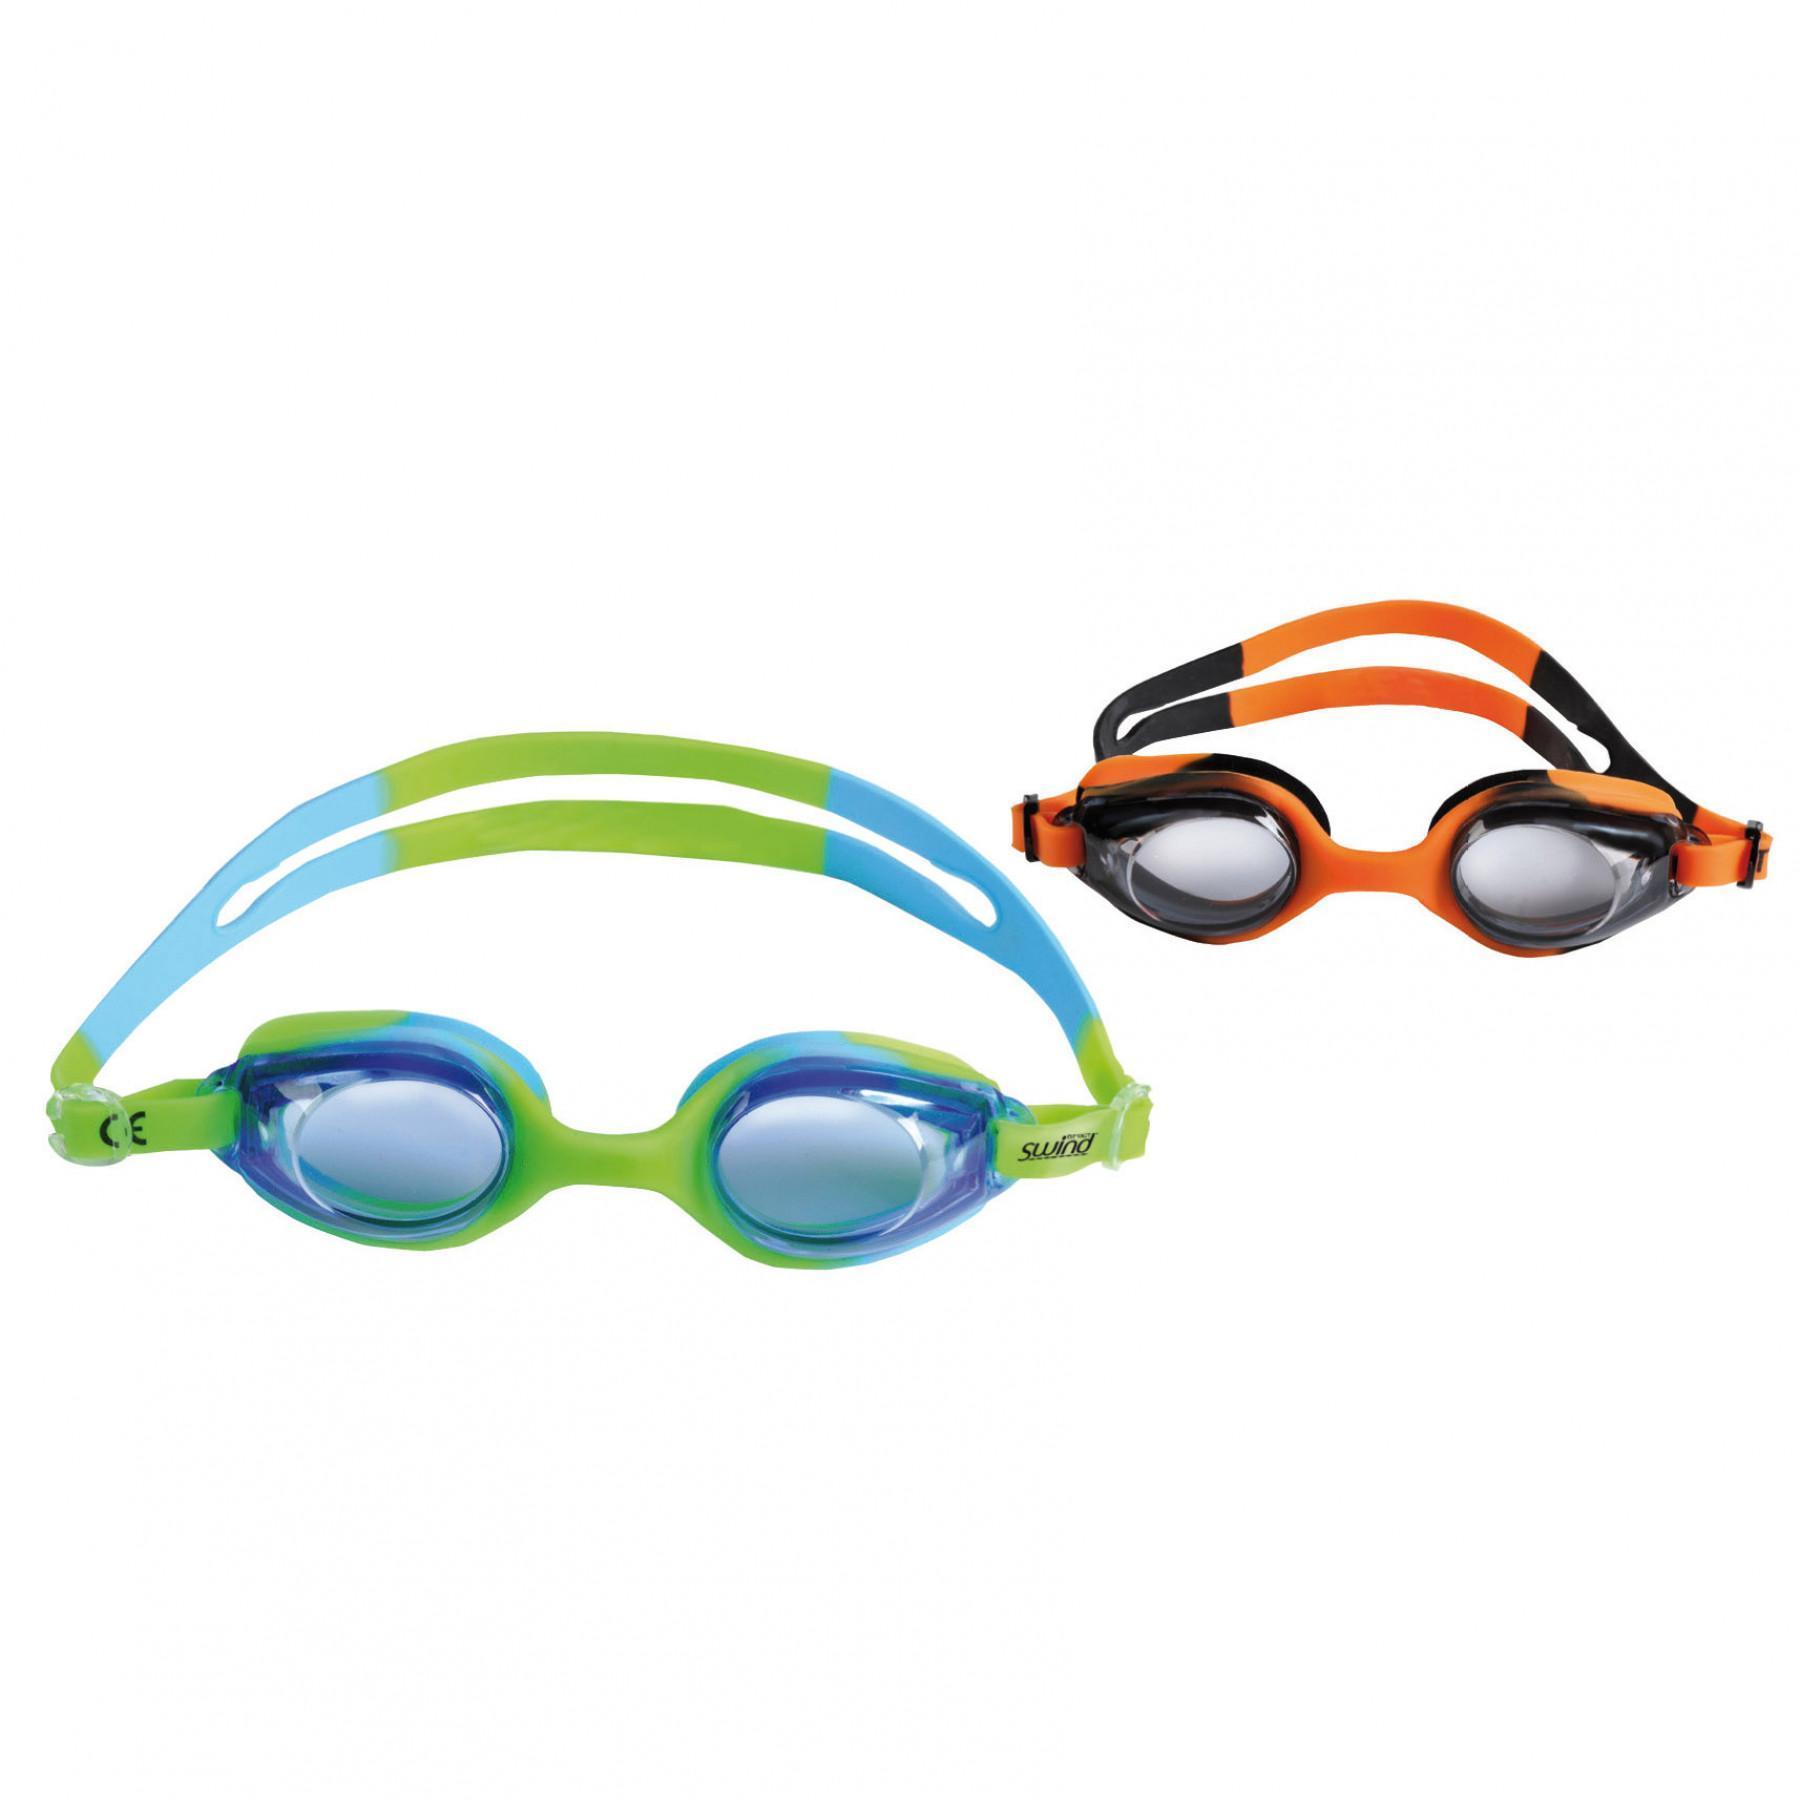 Children's training glasses Sporti France